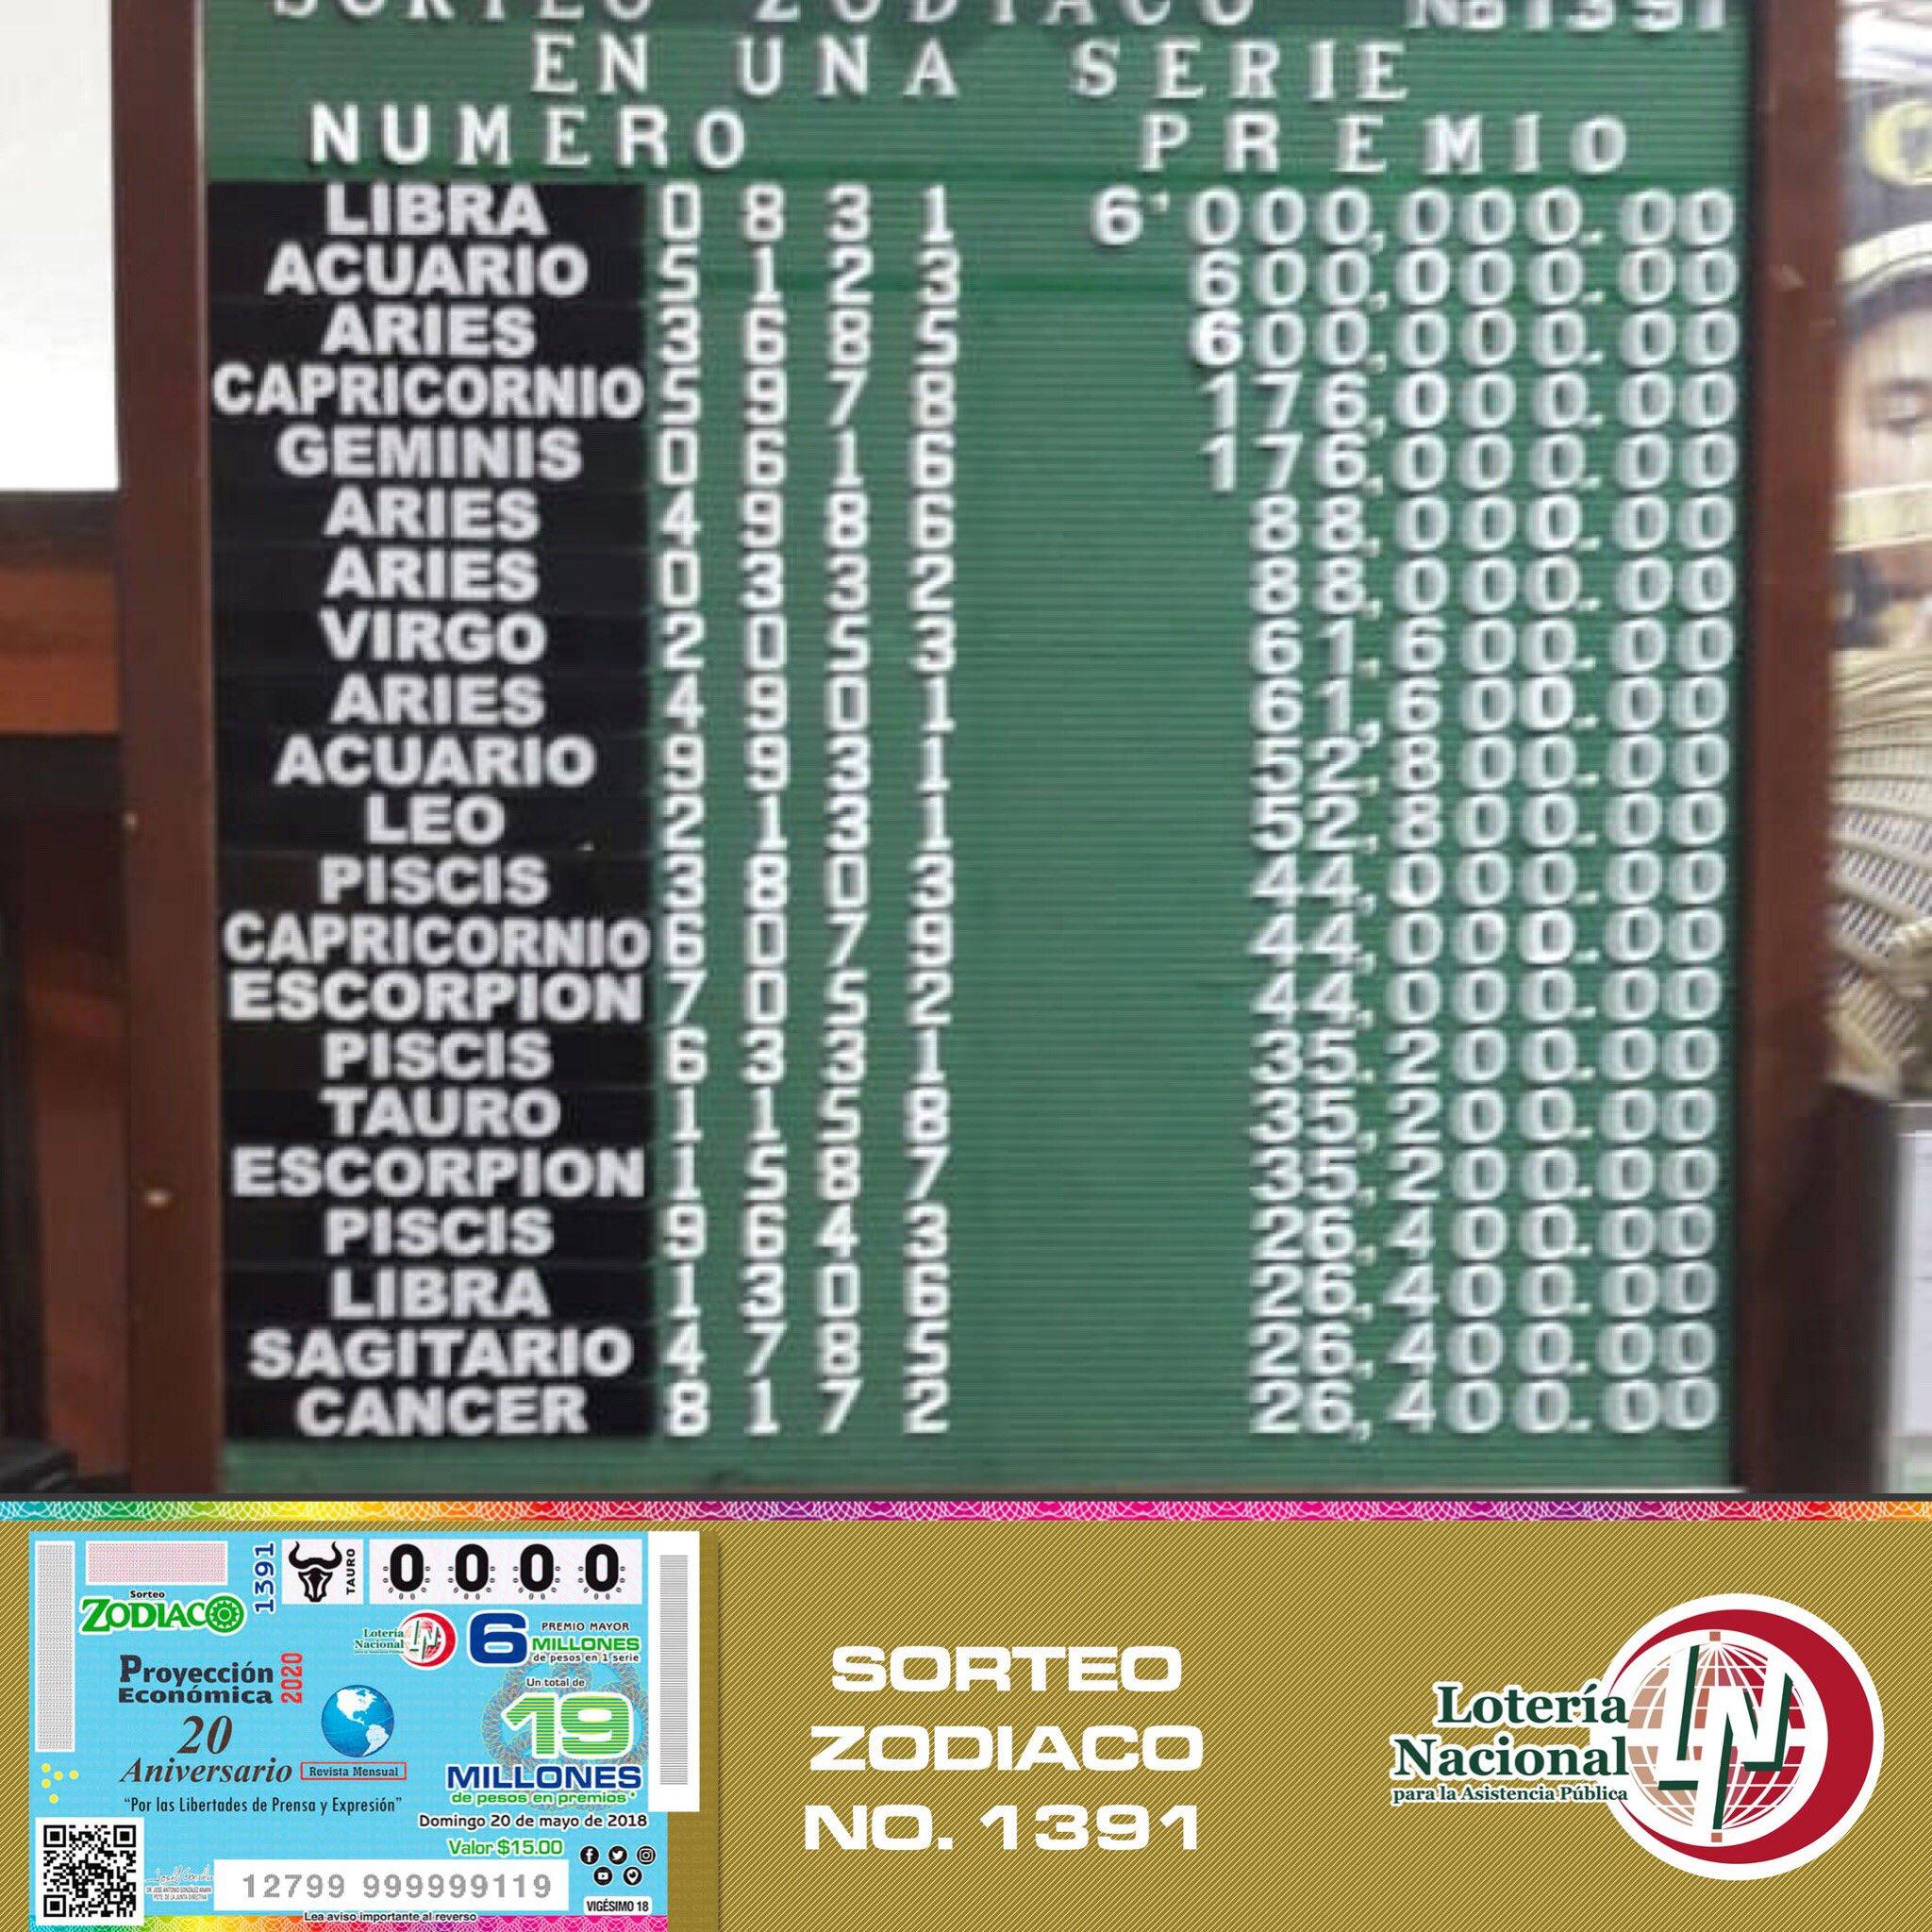 Resultados sorteo zodiaco 1391